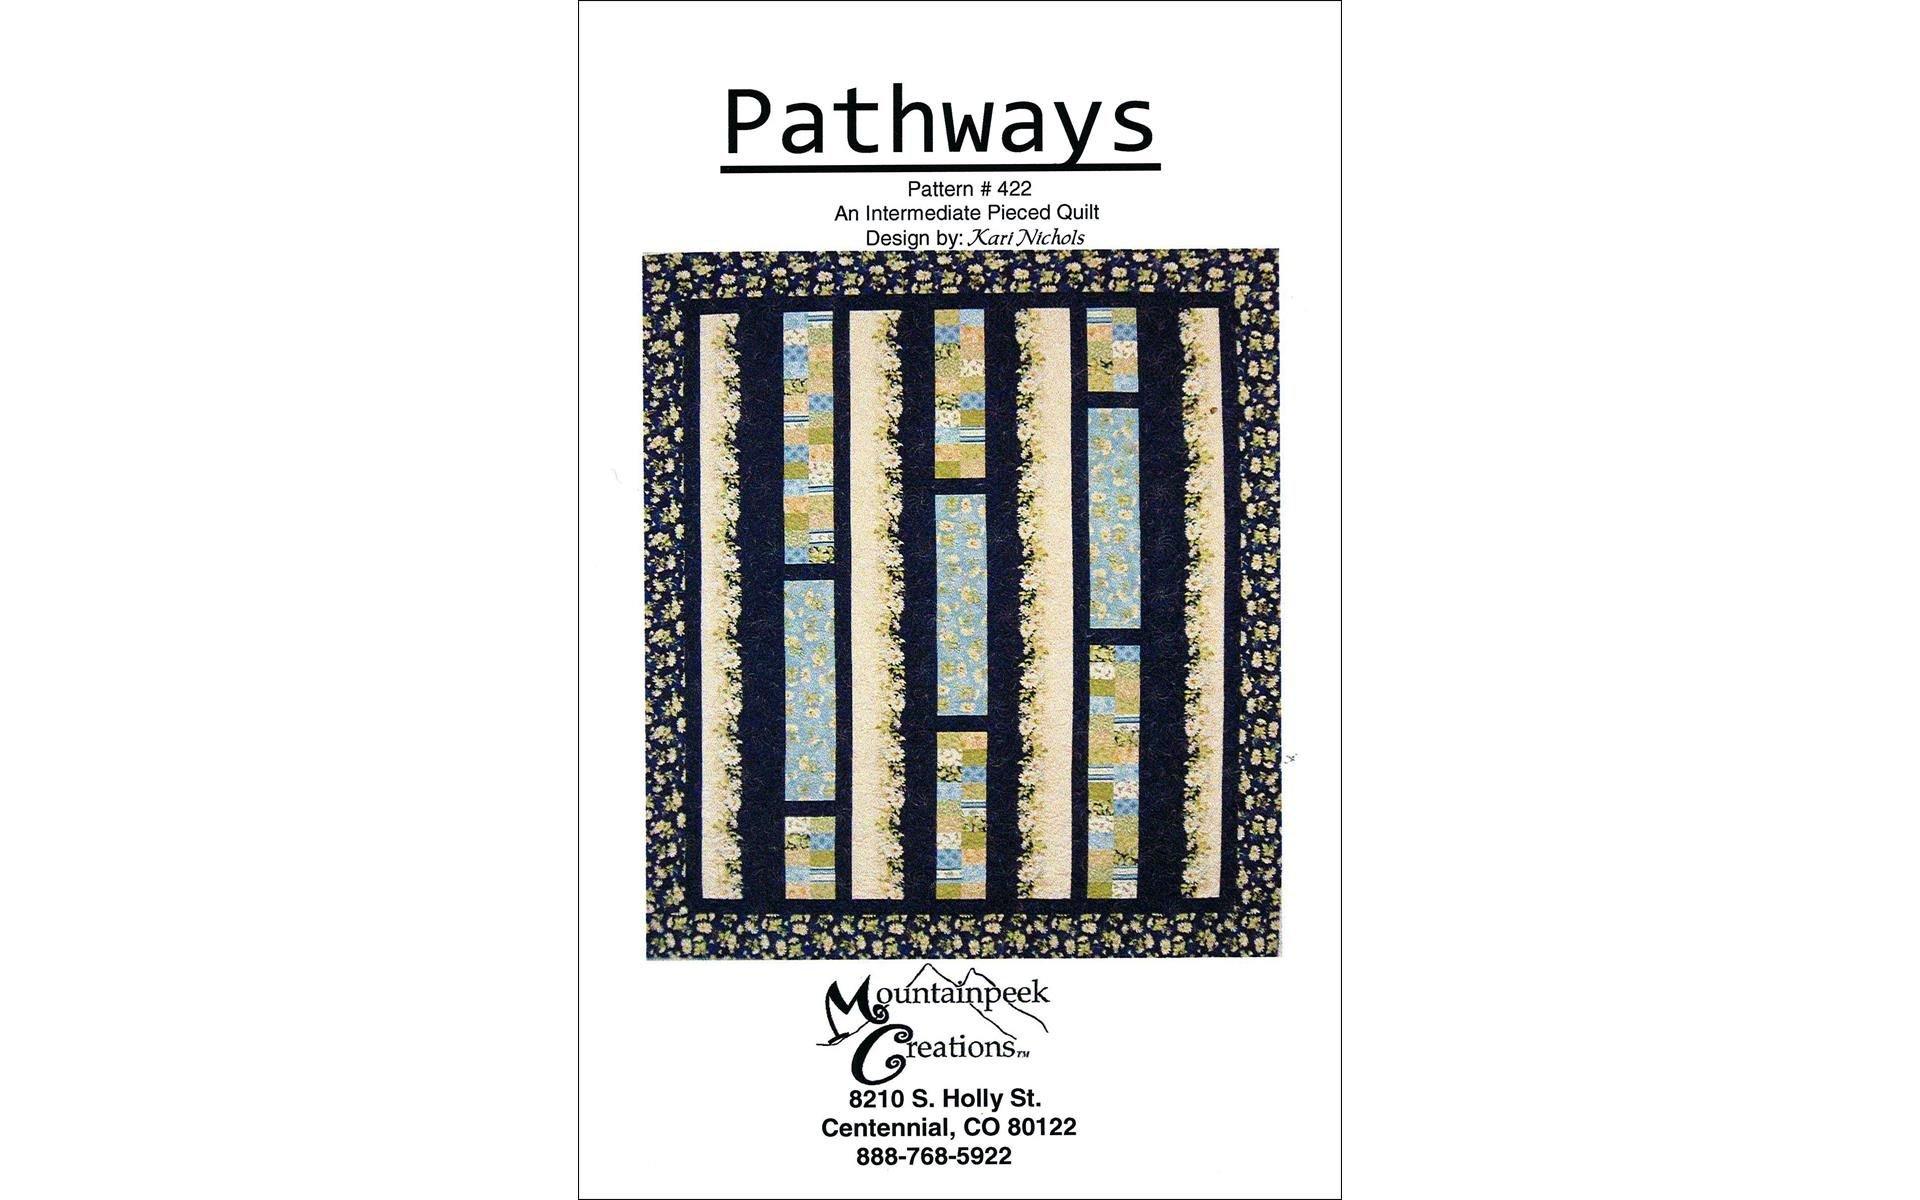 422 Pathways by Mountainpeek